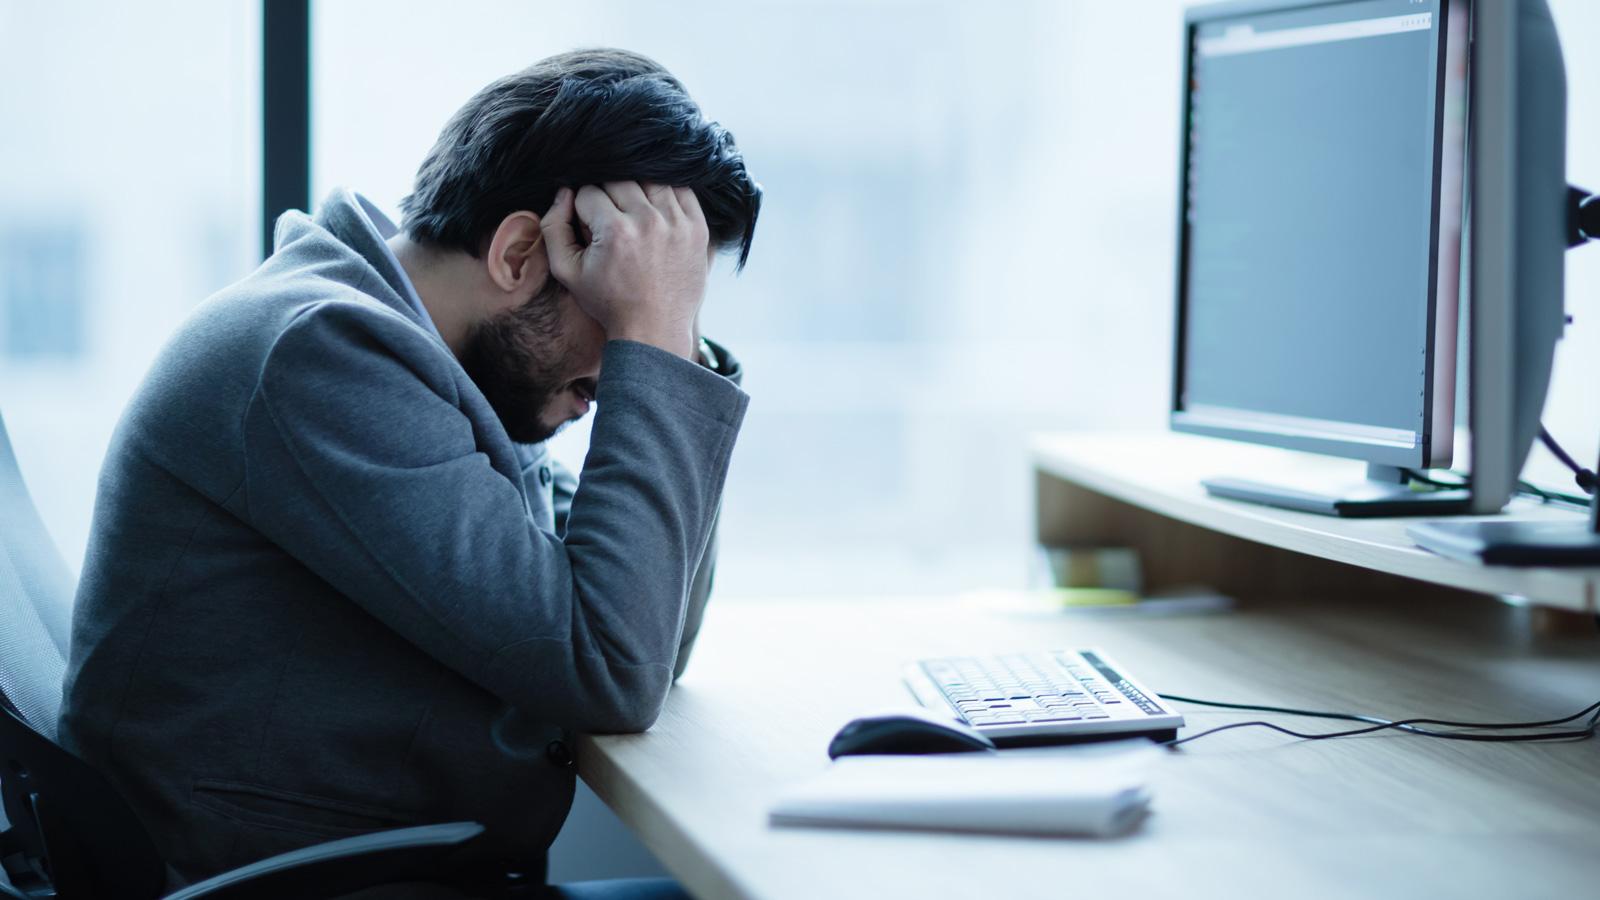 Funkcjonowanie firm podczas kryzysu – BADANIE kryzys mediarun kryzys mezczyzna komputer biuro 2020